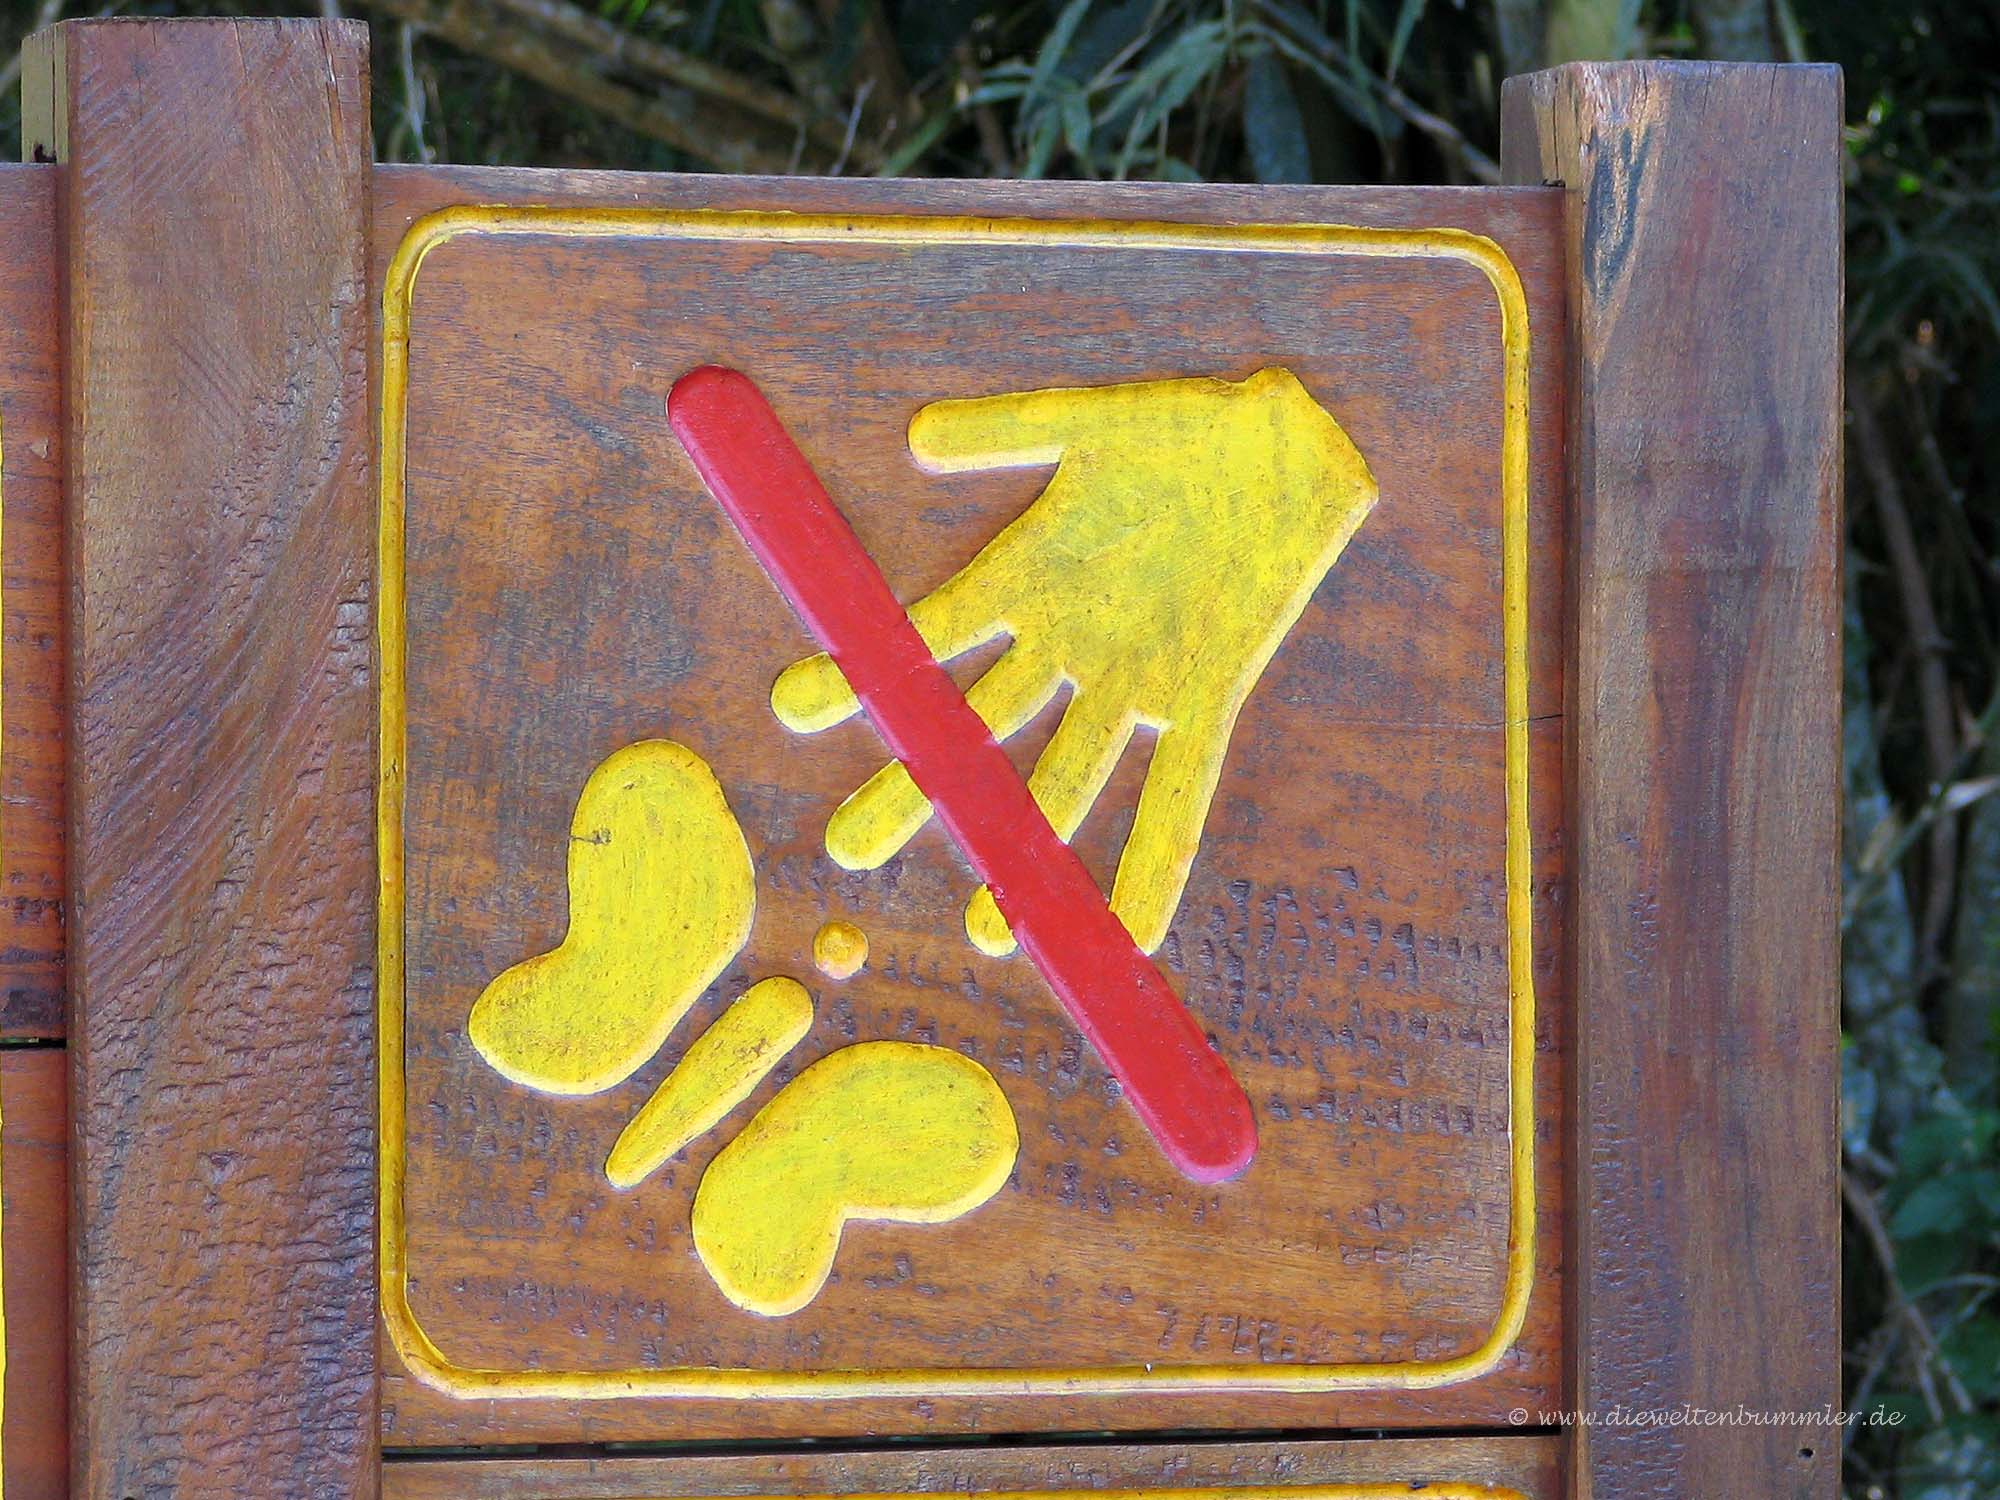 Schmetterlinge berühren verboten